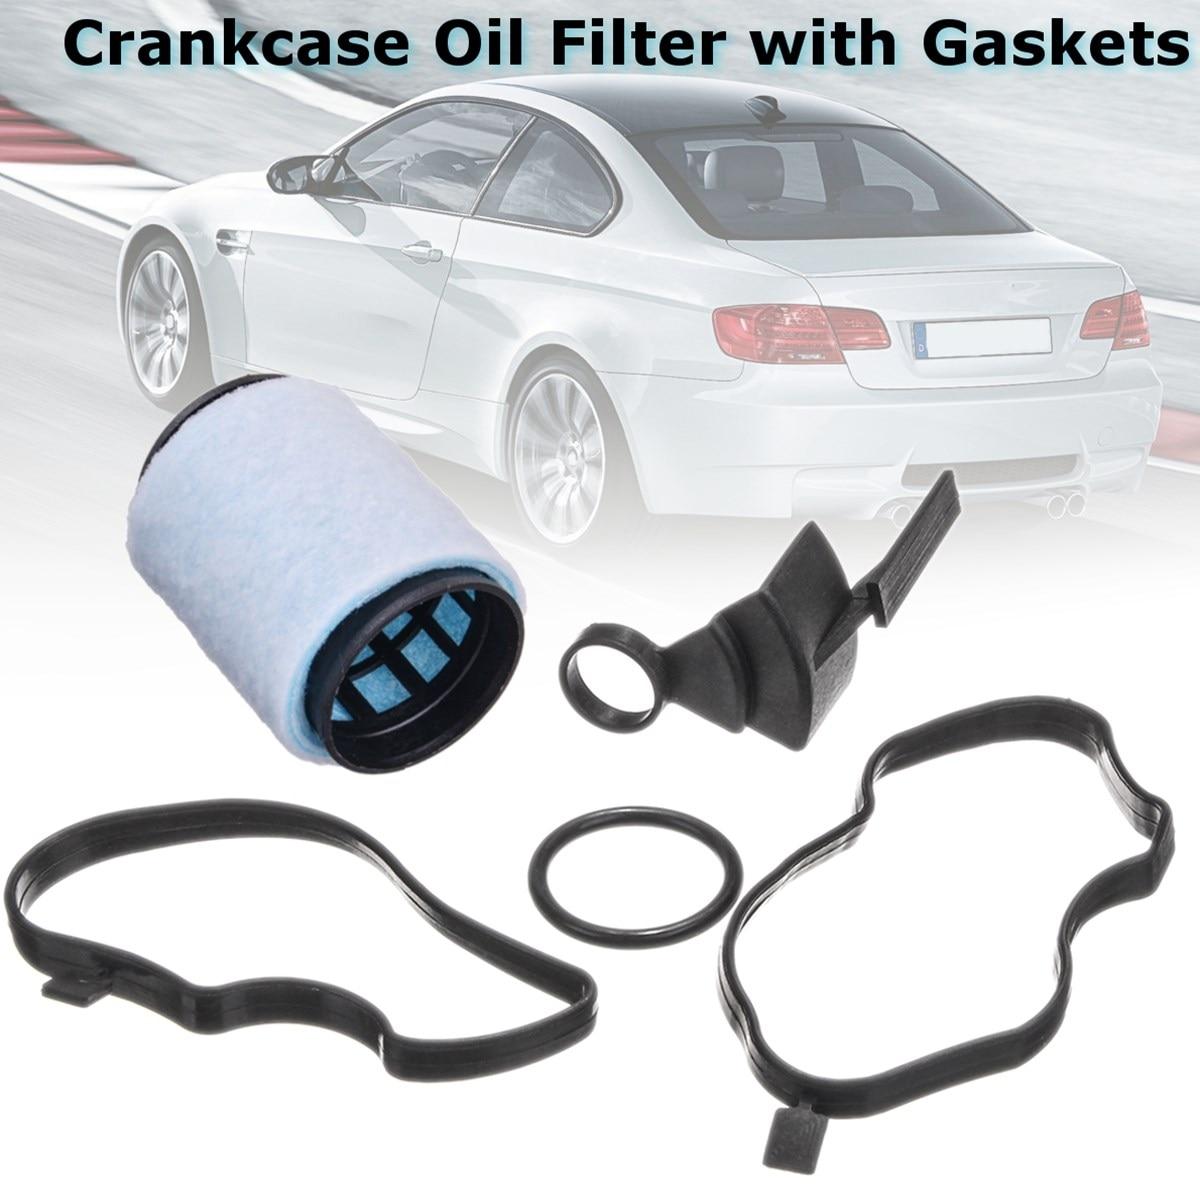 #11127793164 фильтр-сепаратор масла Картера с прокладками для BMW E46 E53 E60 E87 E90 E83 E91 E39 E61 X3 X5 1998-2012